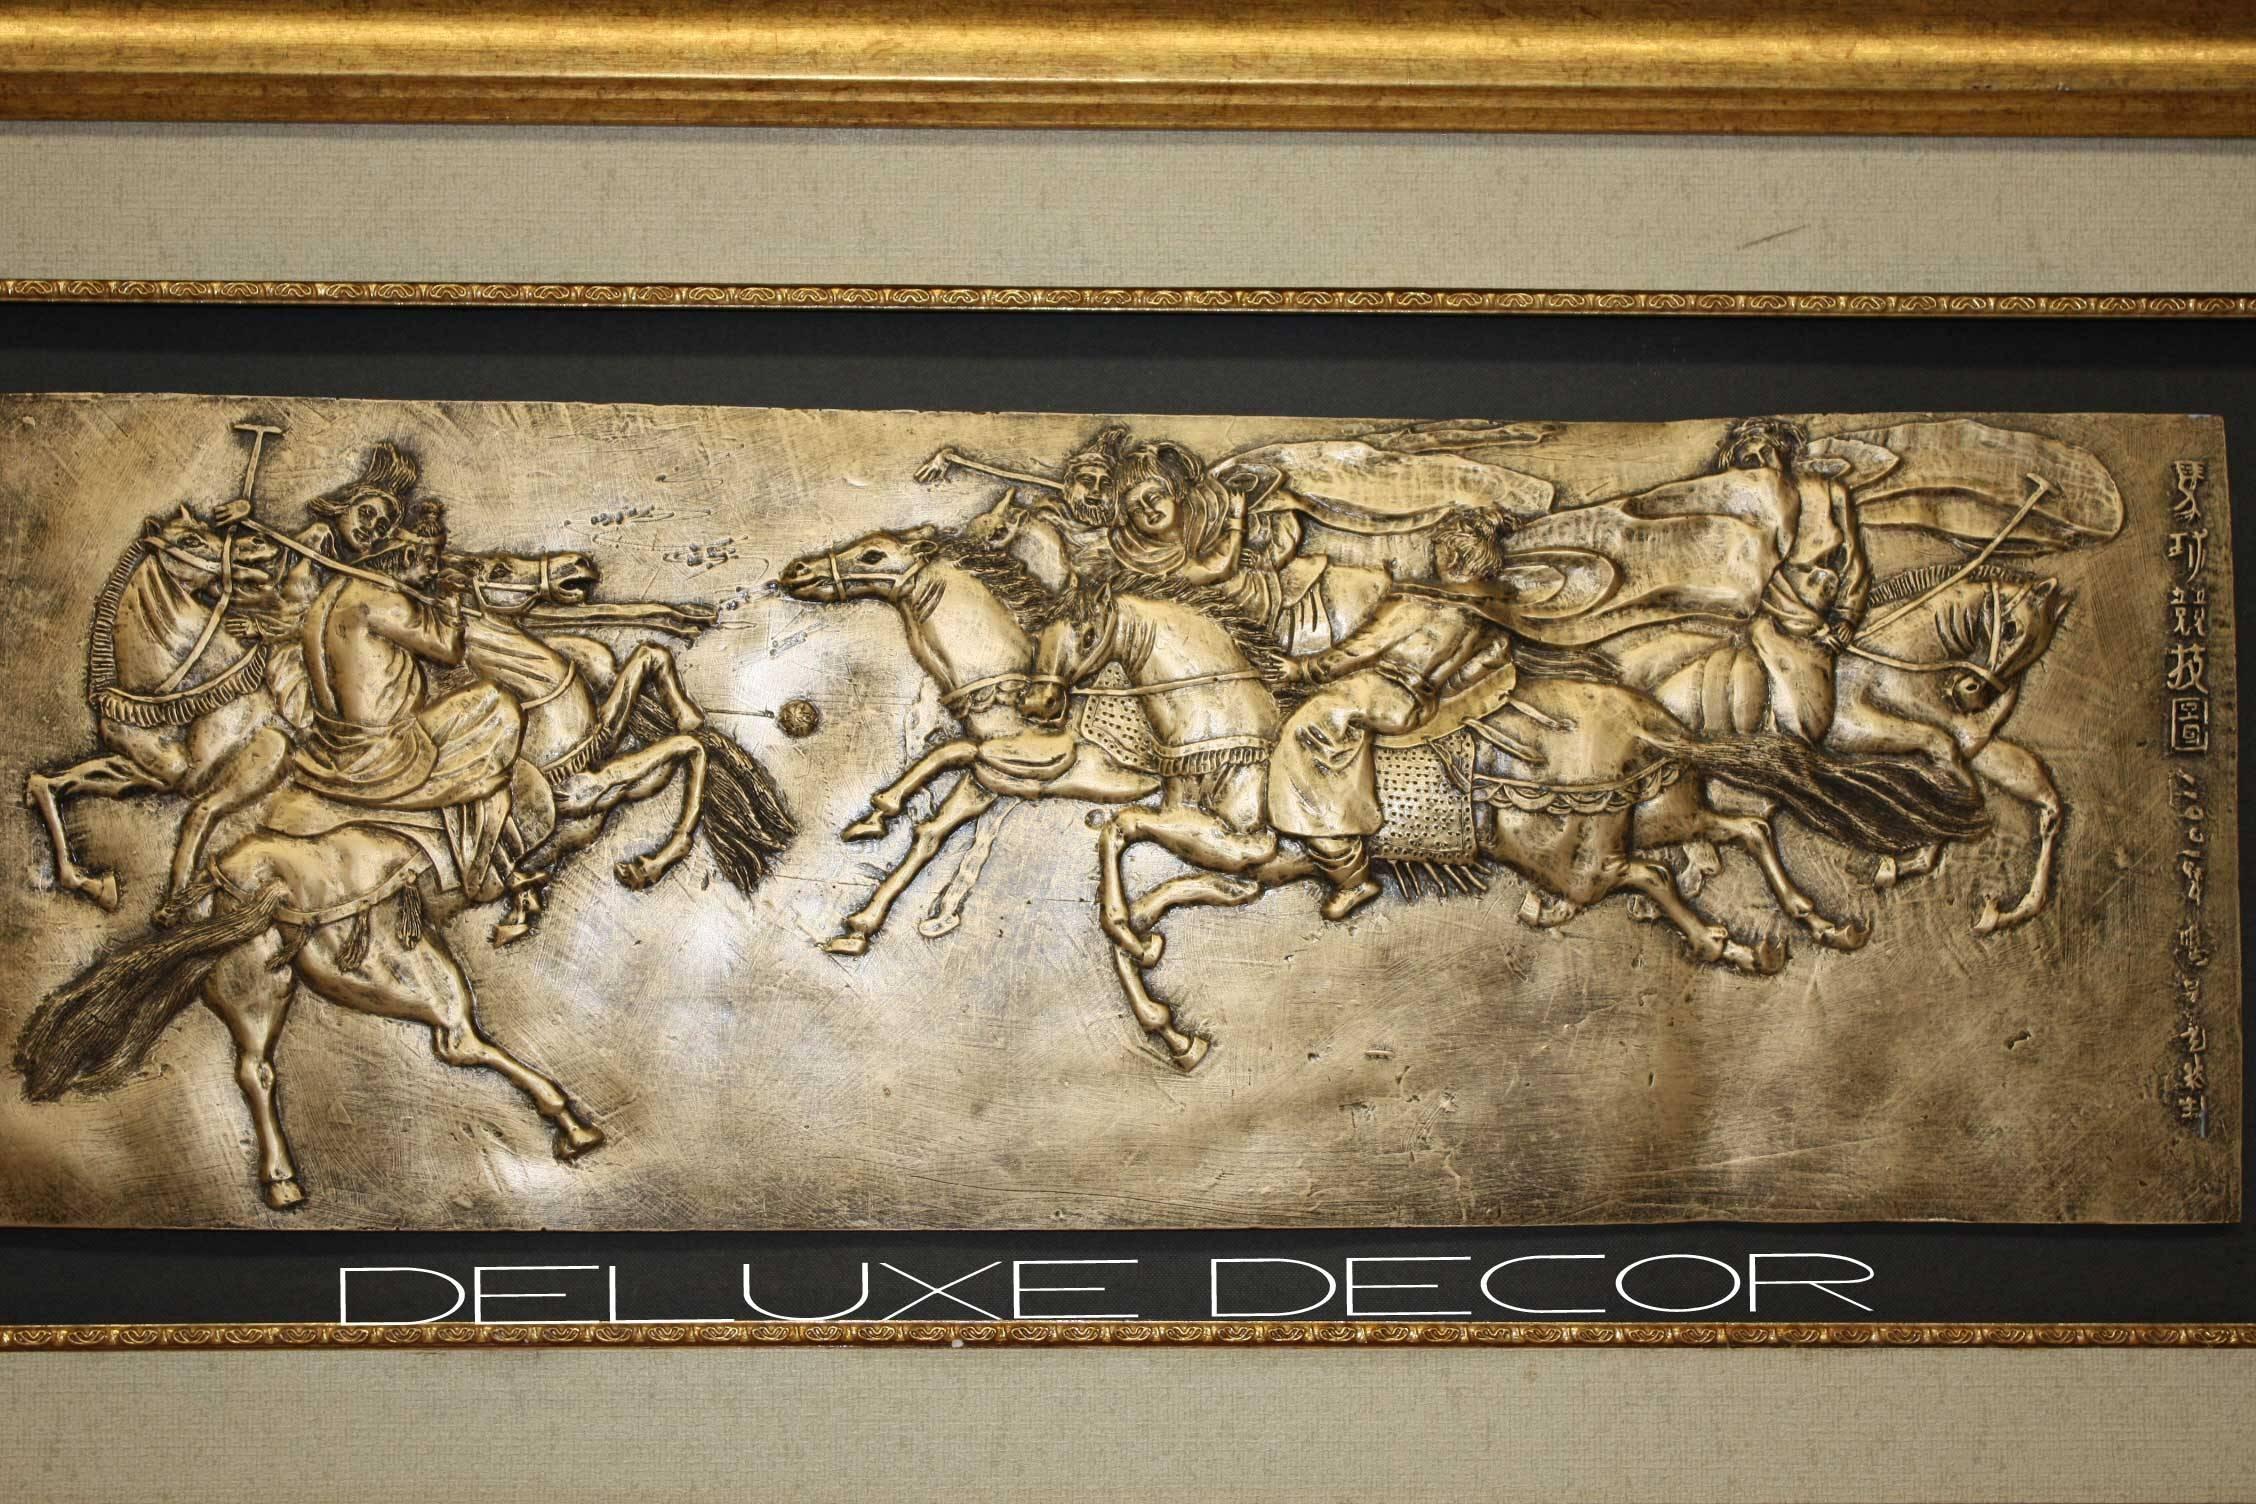 3D Horse Wall Art | Wallartideas With Regard To Most Recent 3D Horse Wall Art (Gallery 7 of 20)